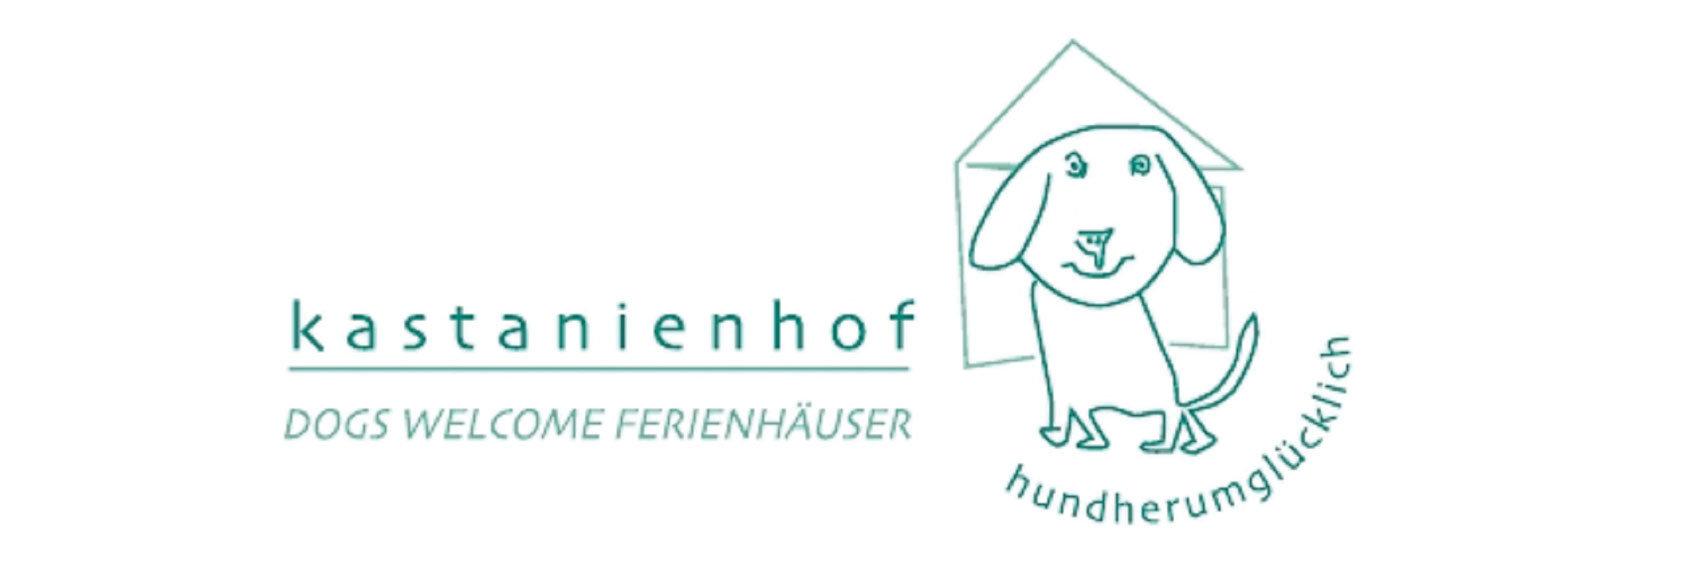 Kastanienhof Dogs Welcome Ferienhäuser